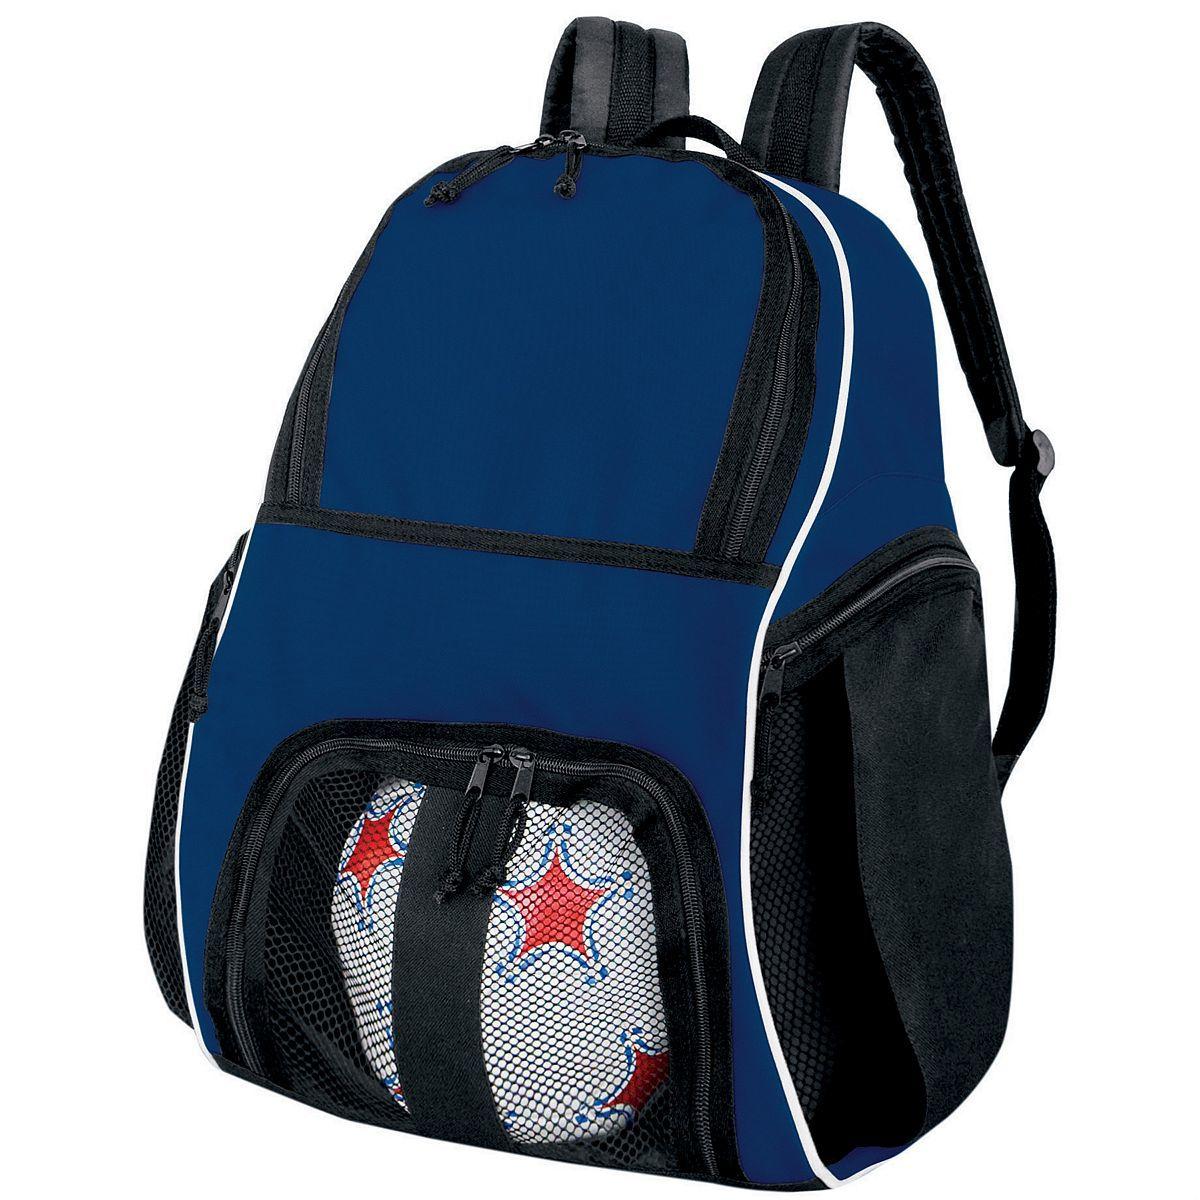 Backpack - NAVY/BLACK/WHITE